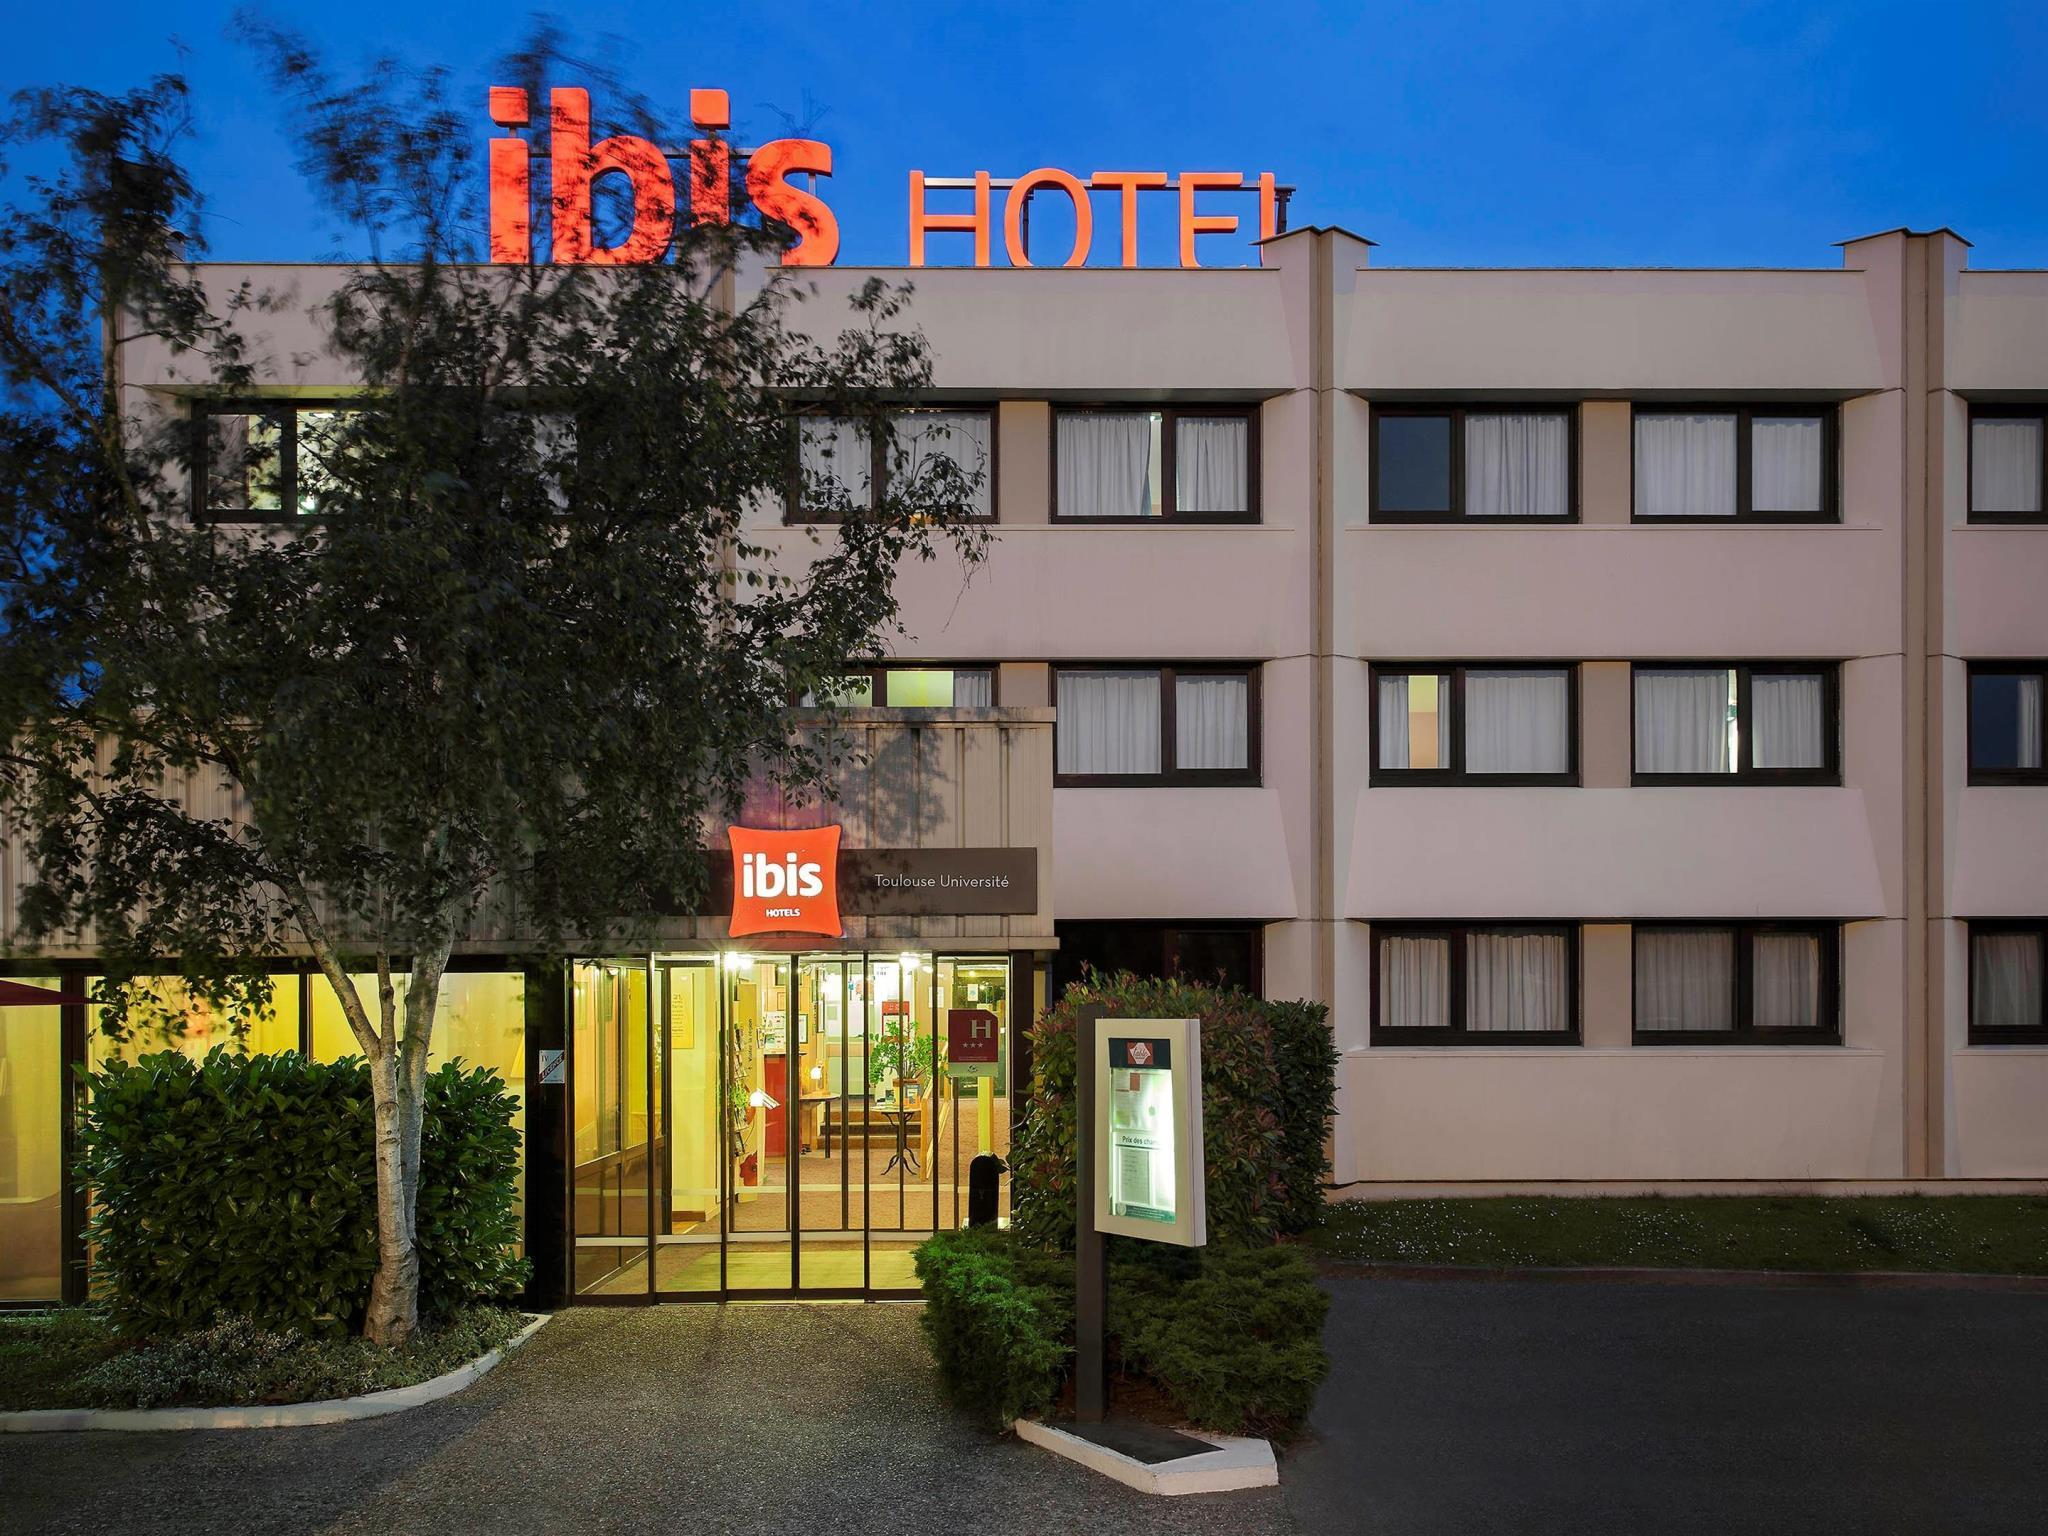 Ibis Toulouse Universite